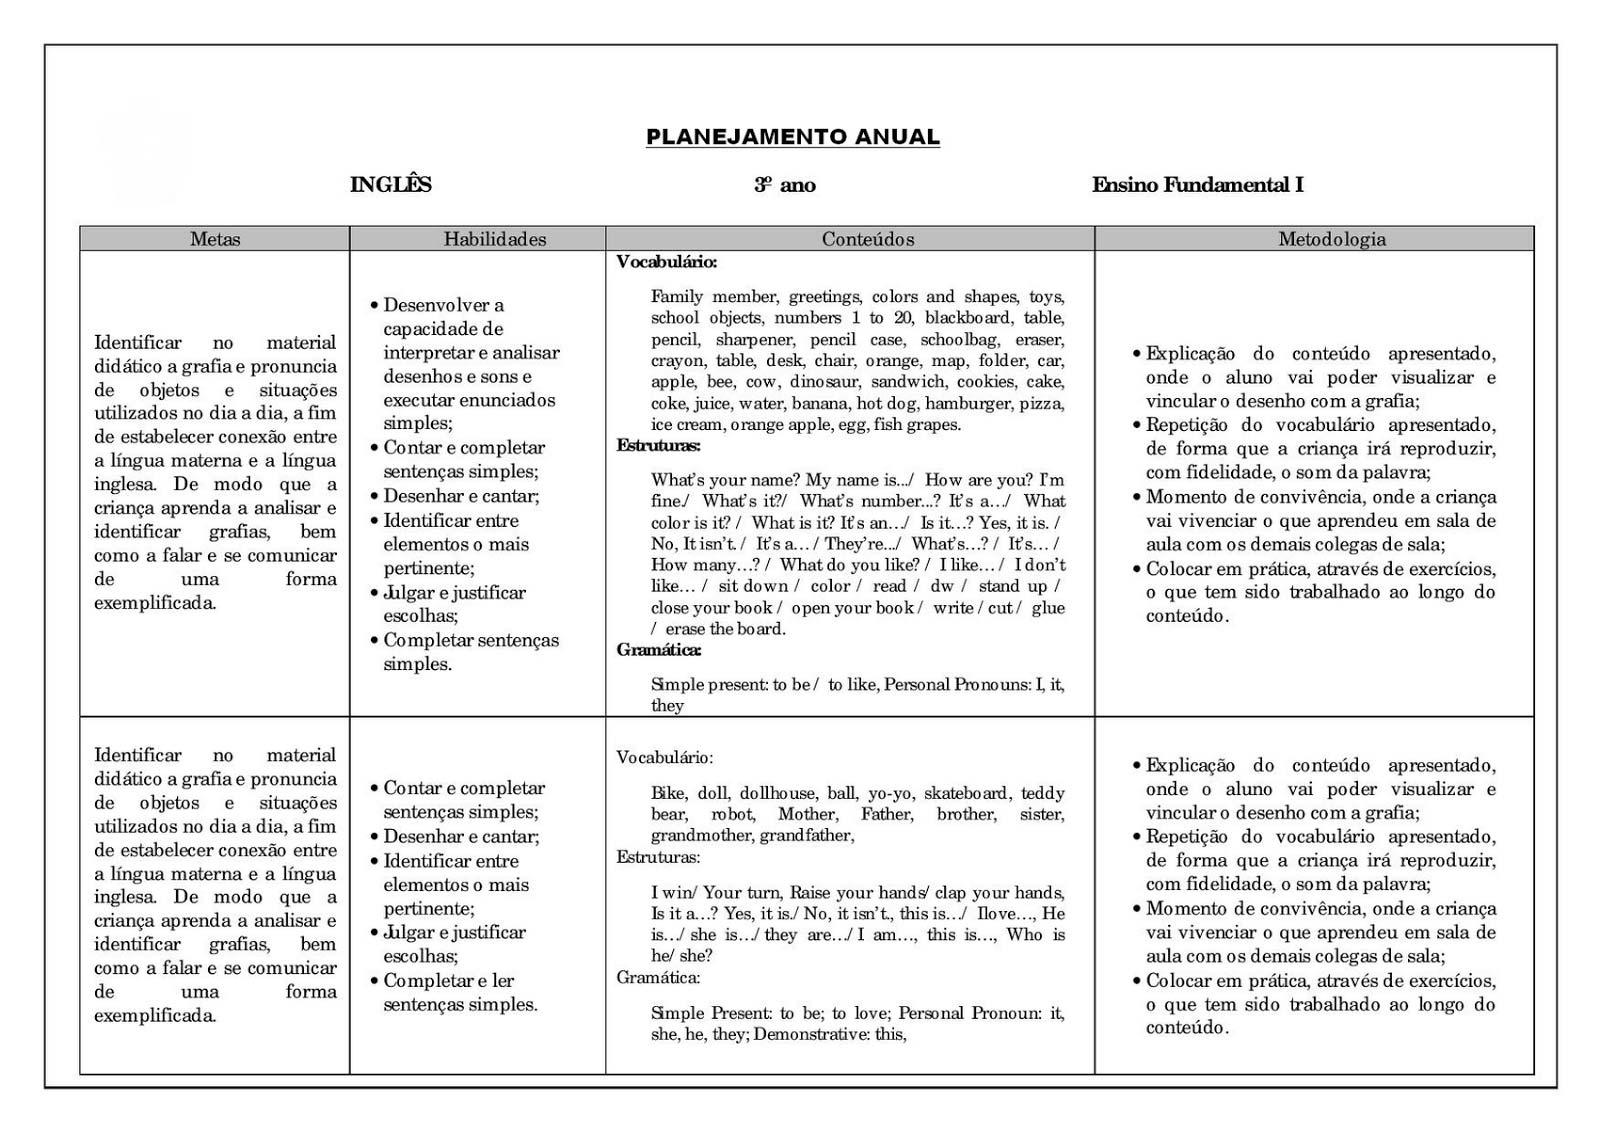 Planejamento anual 3 ano de Inglês para imprimir